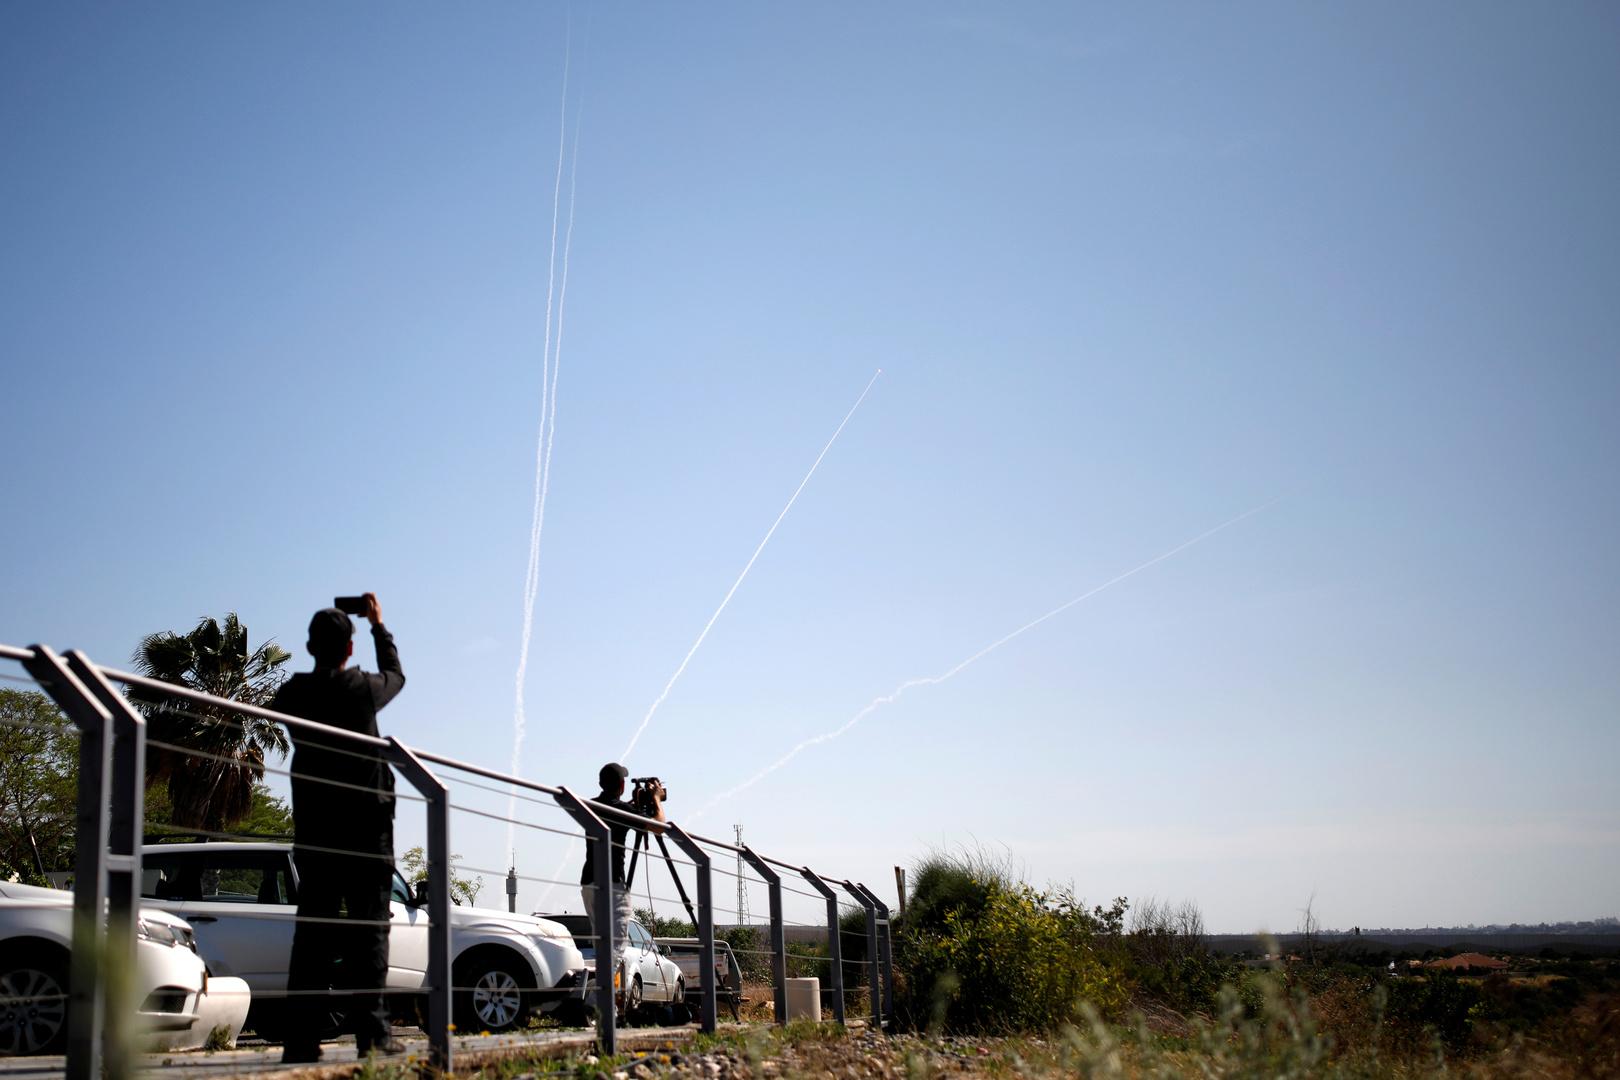 إطلاق صافرات الإنذار في غلاف غزة والجيش الإسرائيلي ينفي فرضية هجوم صاروخي